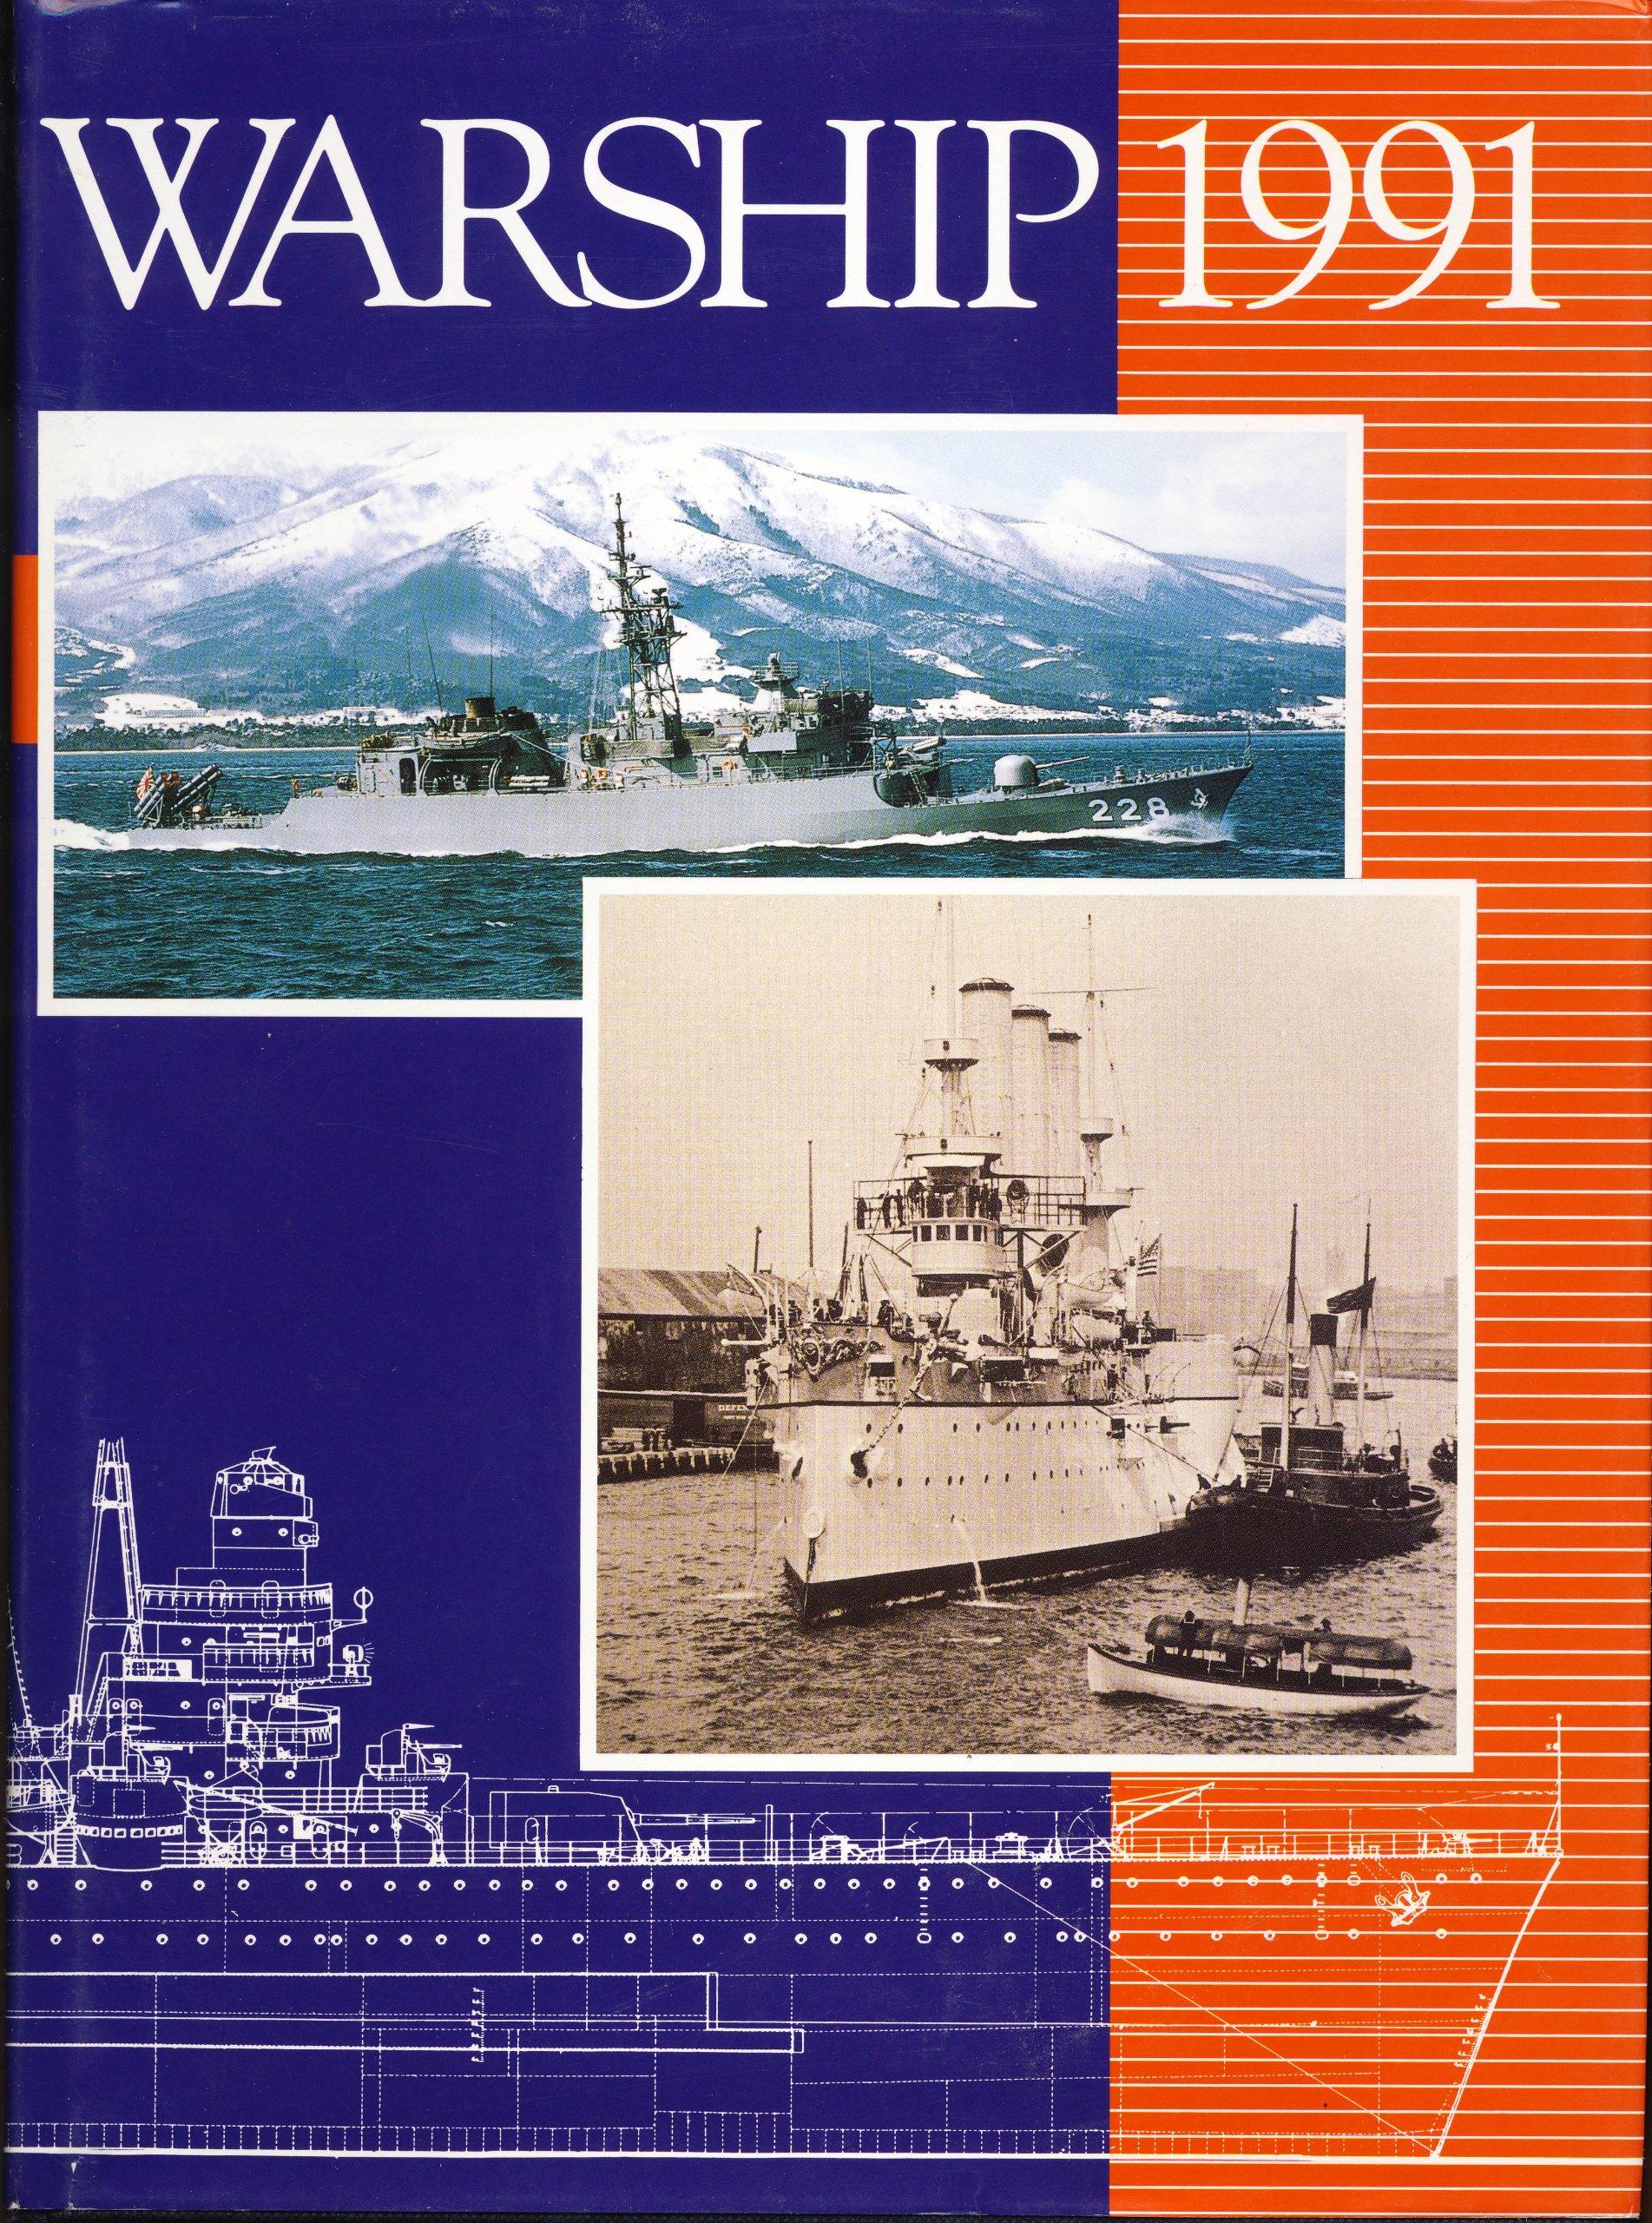 Warship 1991